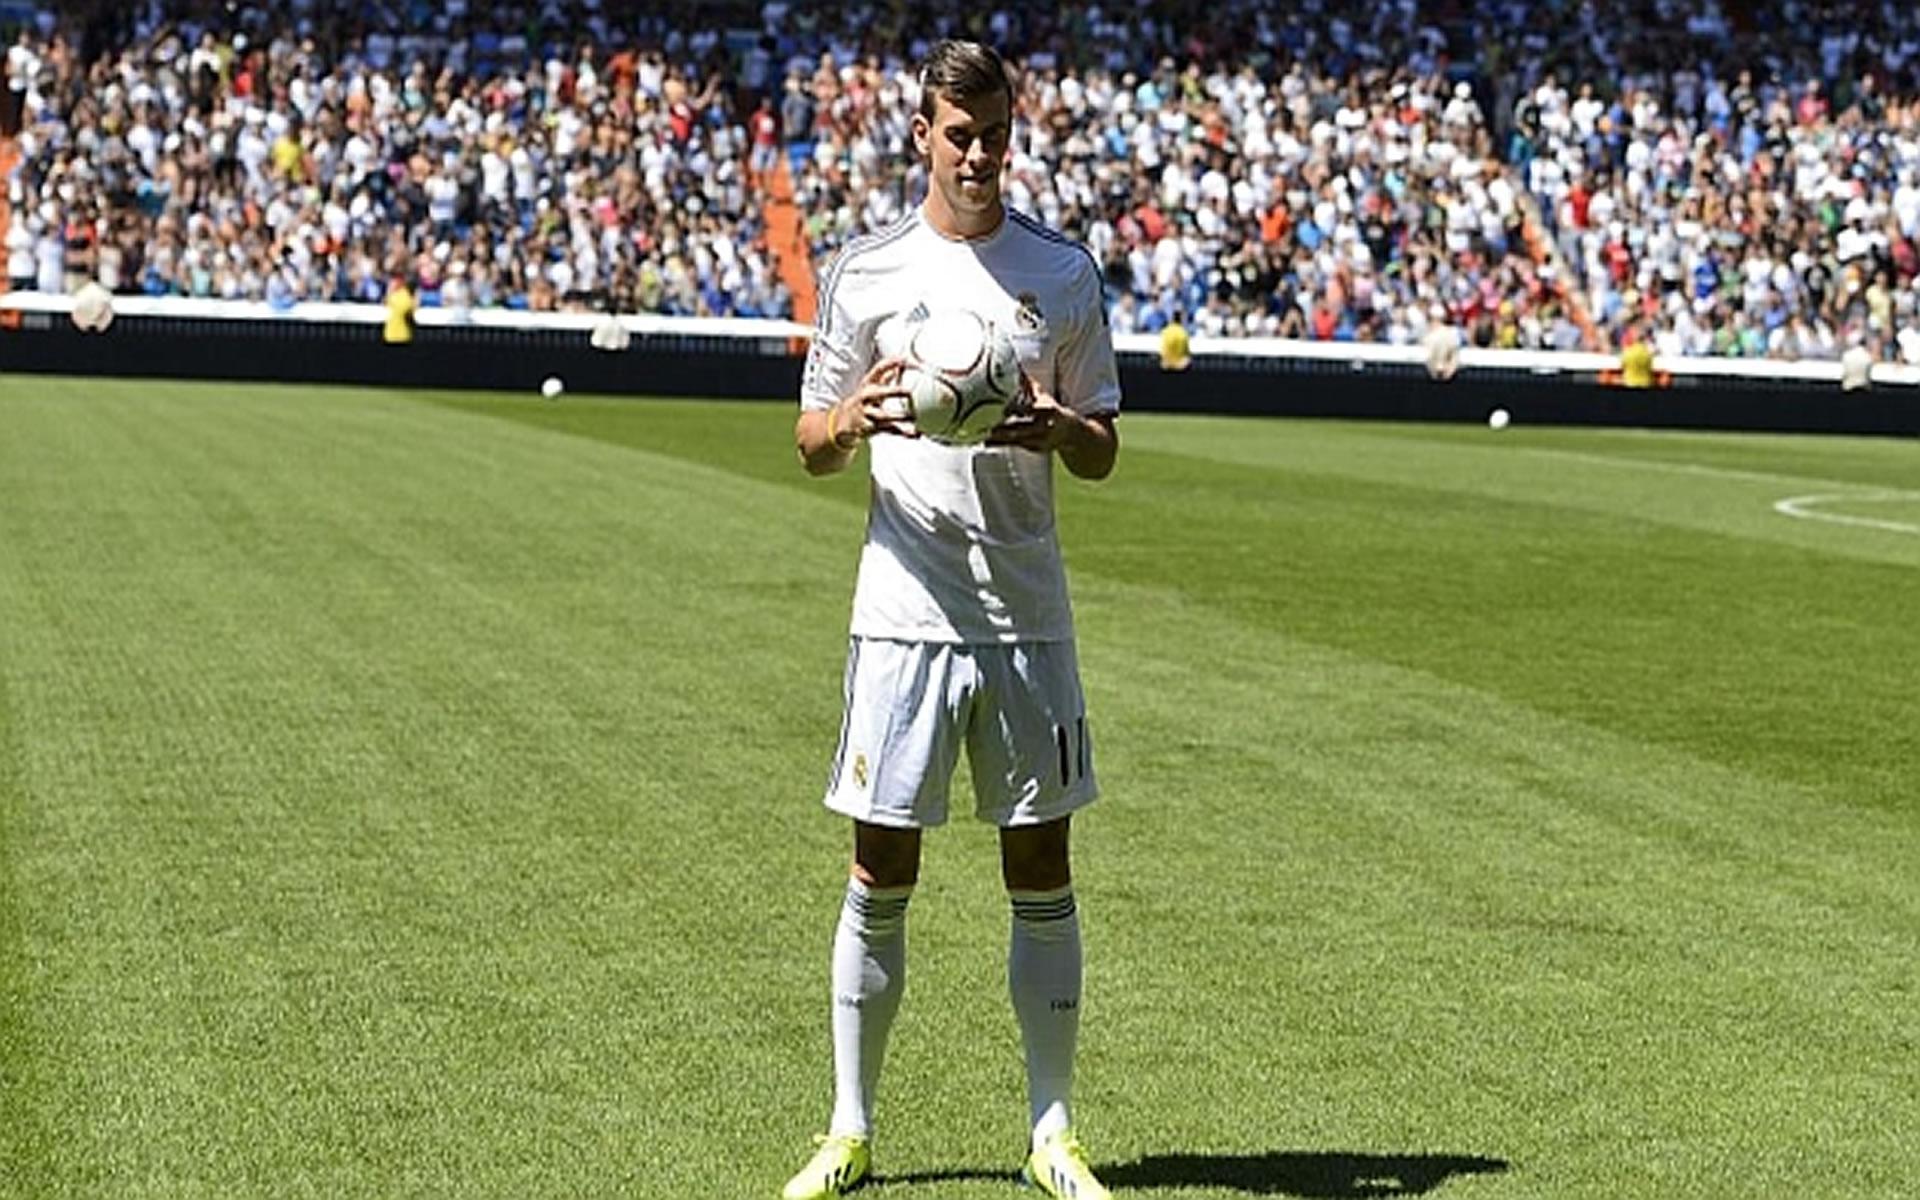 El crack Gales Gareth Bale en el momento de su presentación en el palco del Santiago Bernabeu